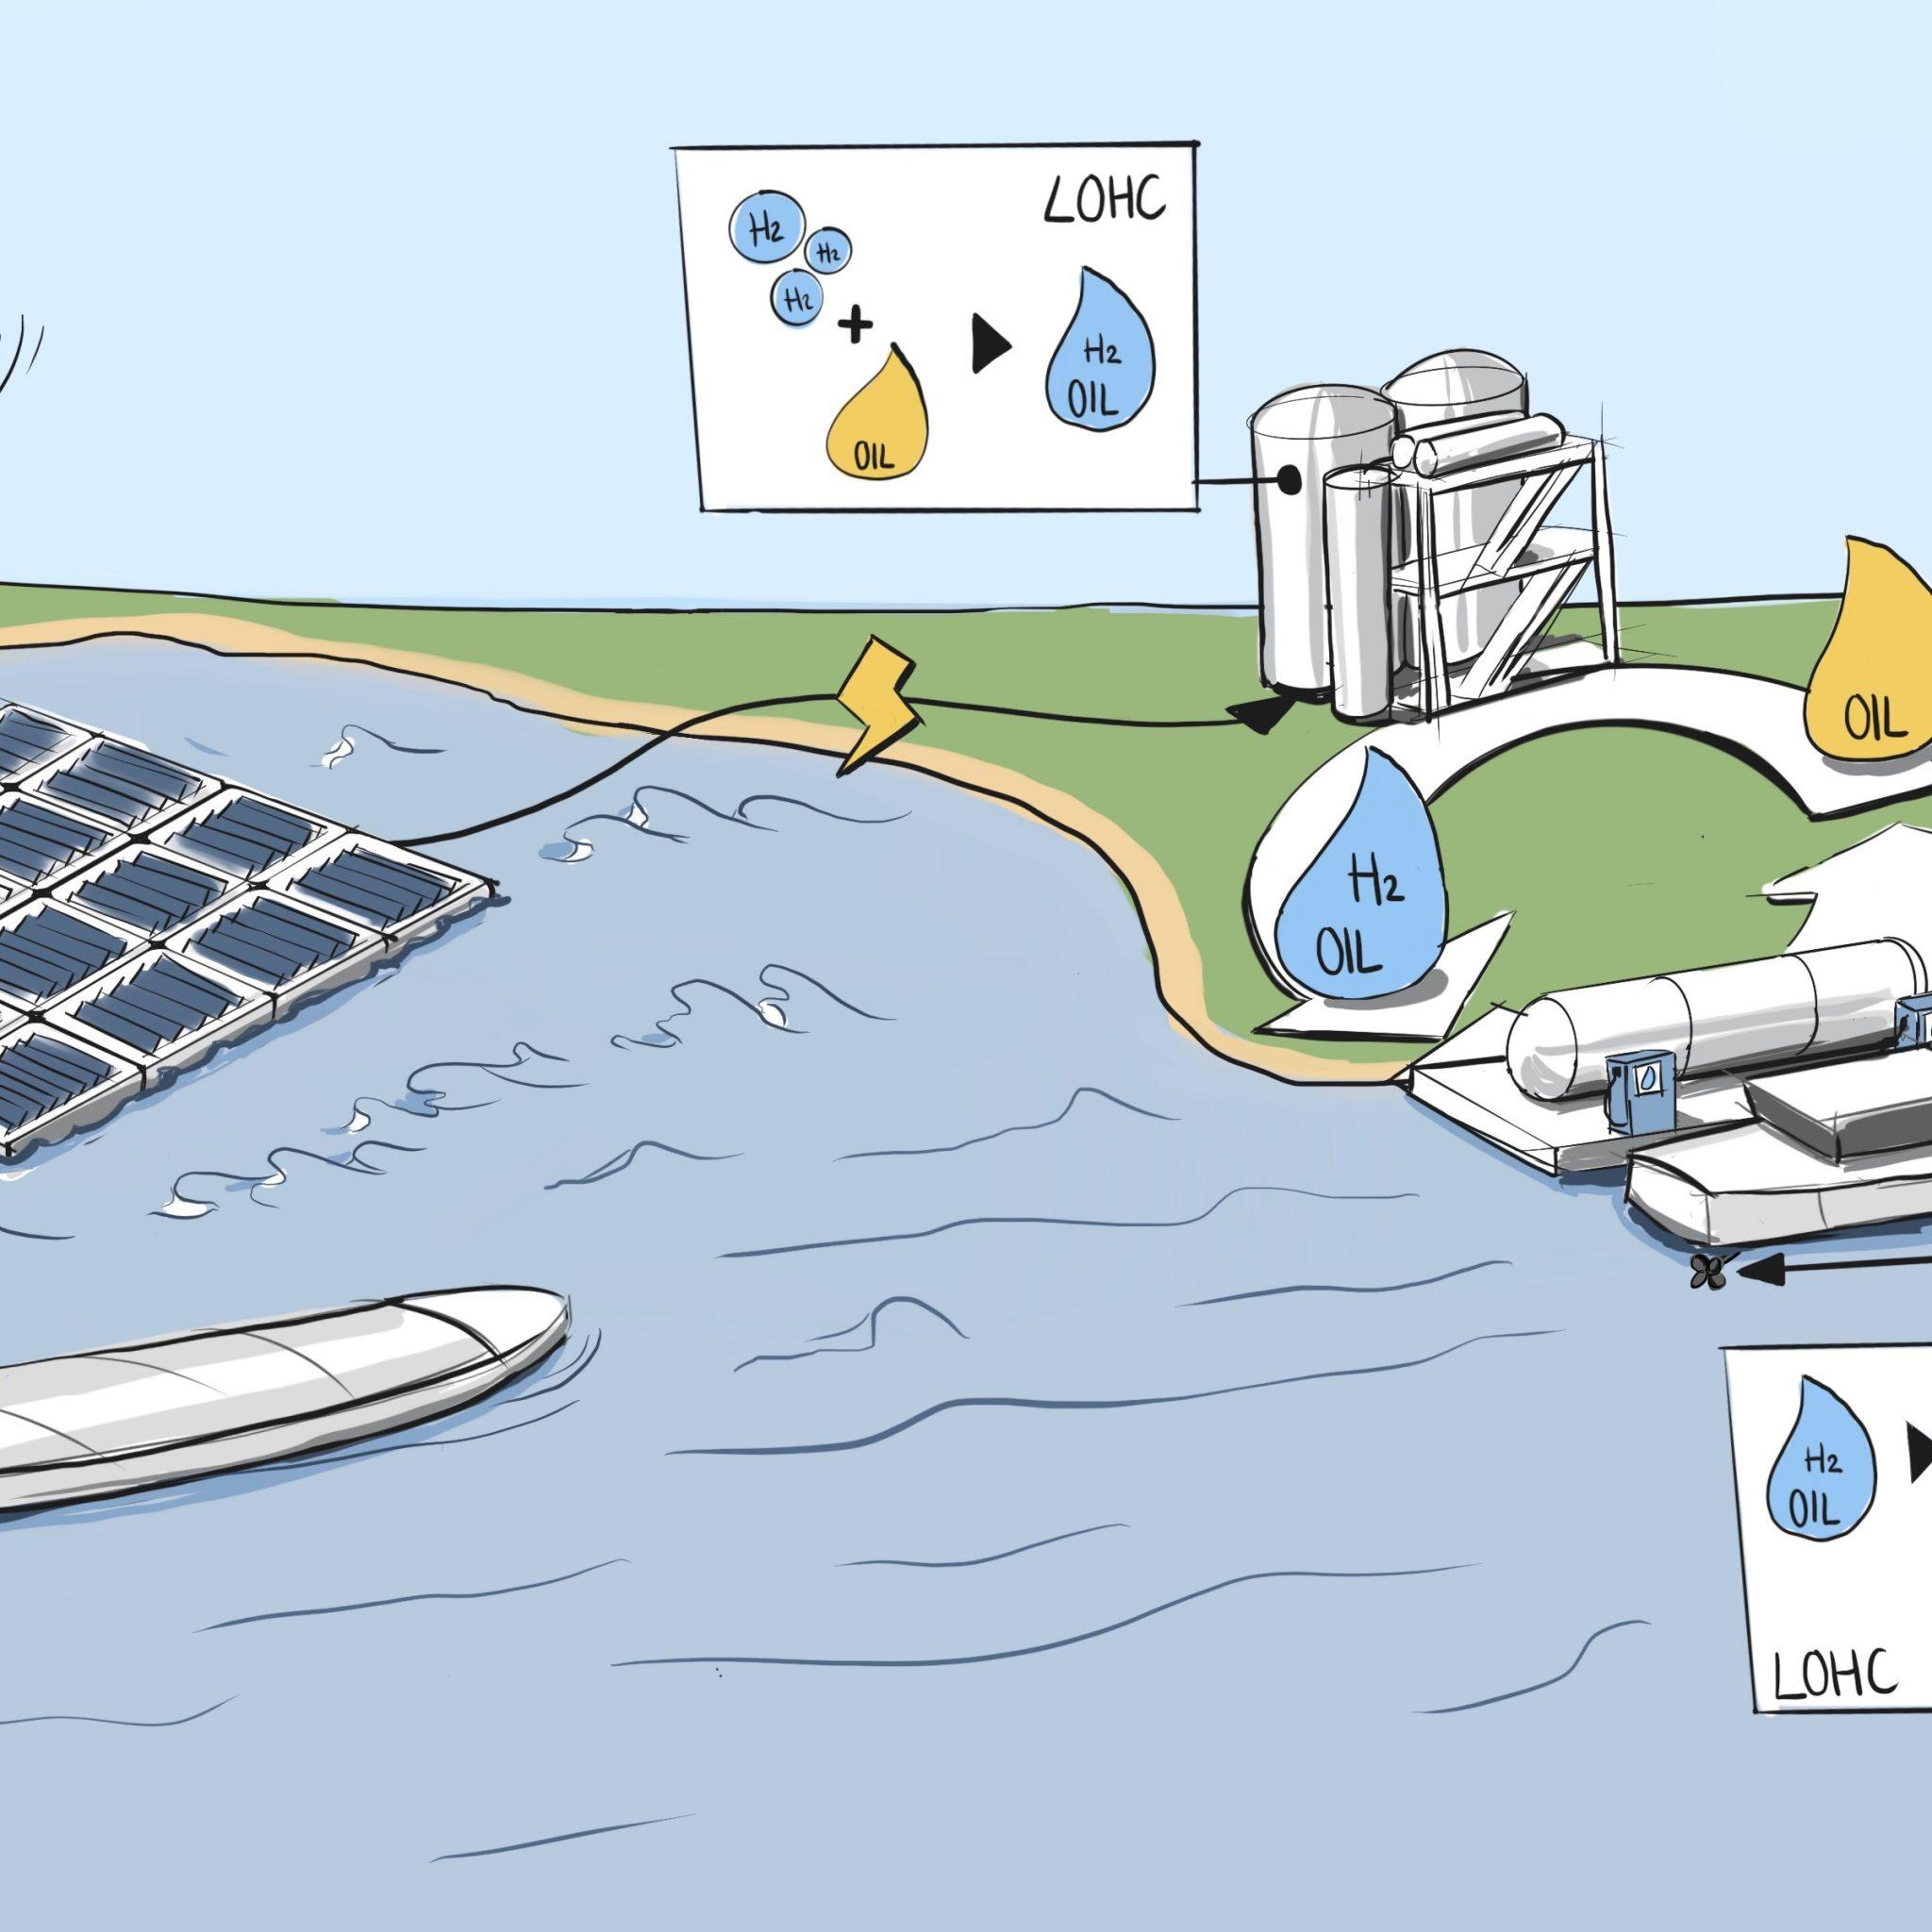 Tekening van de waterstofproductie- en testinstallatie die medio dit jaar aan de Waal in IJzendoorn van start gaat. Via het solar-eiland wordt de electrolyzer gevoed, de opgewekte waterstof gaat gekoppeld aan 'waterstofolie' naar de tankinstallatie uiteindelijk worden olie en waterstof gescheiden, waarna de olie terug gaat naar de electrolyzer. (Illustratie Dewi Wesselman)